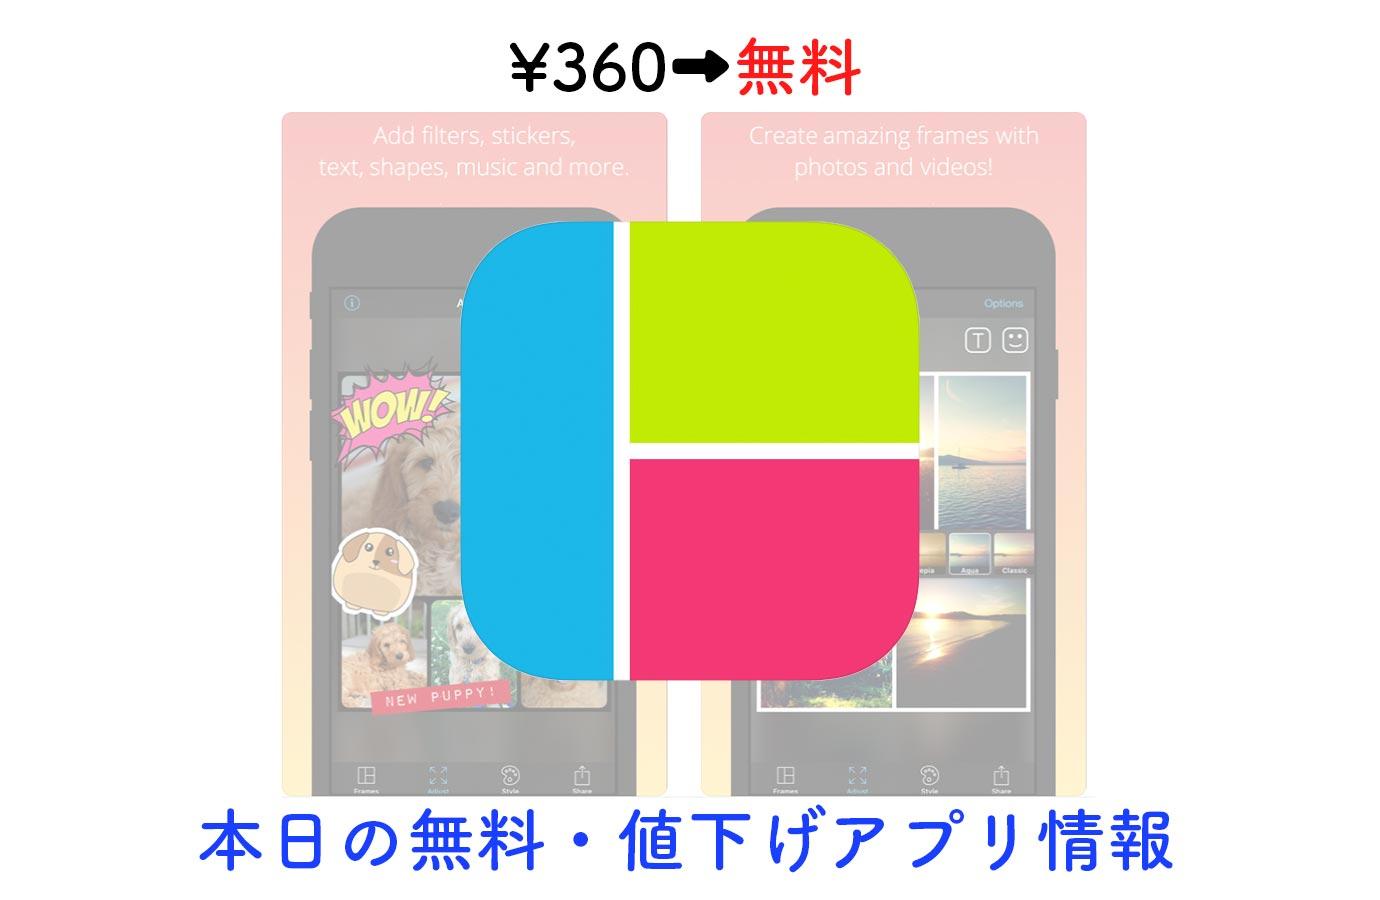 ¥360→無料、豊富なフレームで写真をコラージュできる「PicFrame」など【3/14】セールアプリ情報